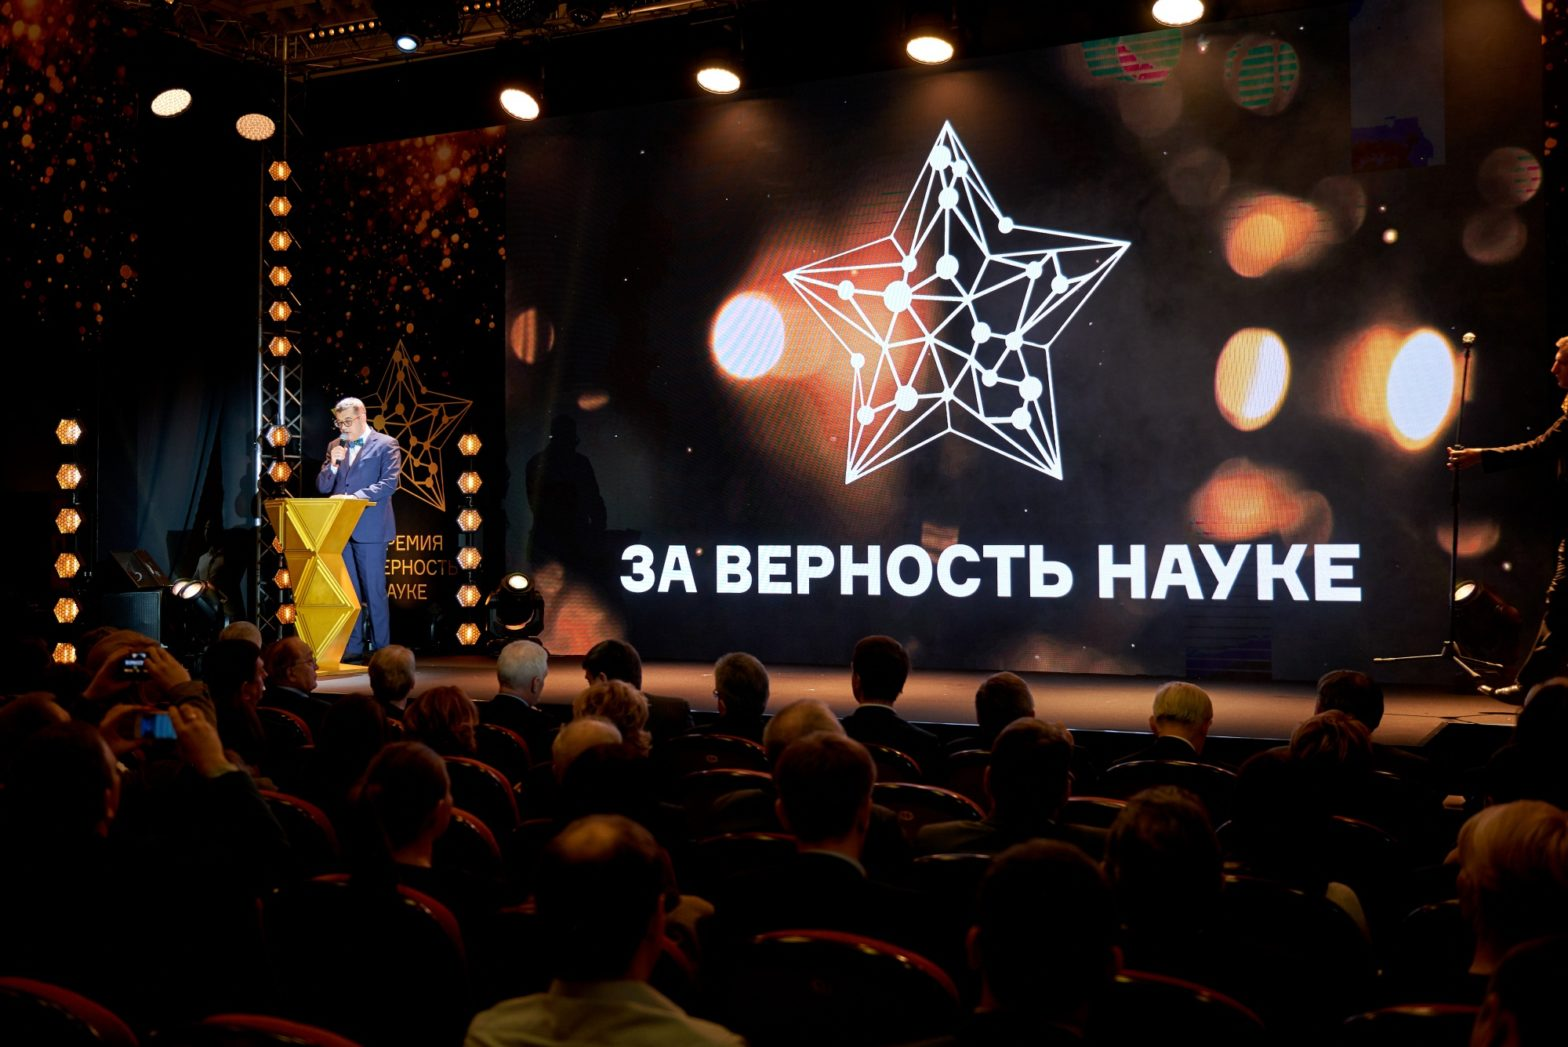 В Год науки и технологий в России премию «За верность науке» вручат по 10 номинациям. Принять в ней участие могут и каменчане!